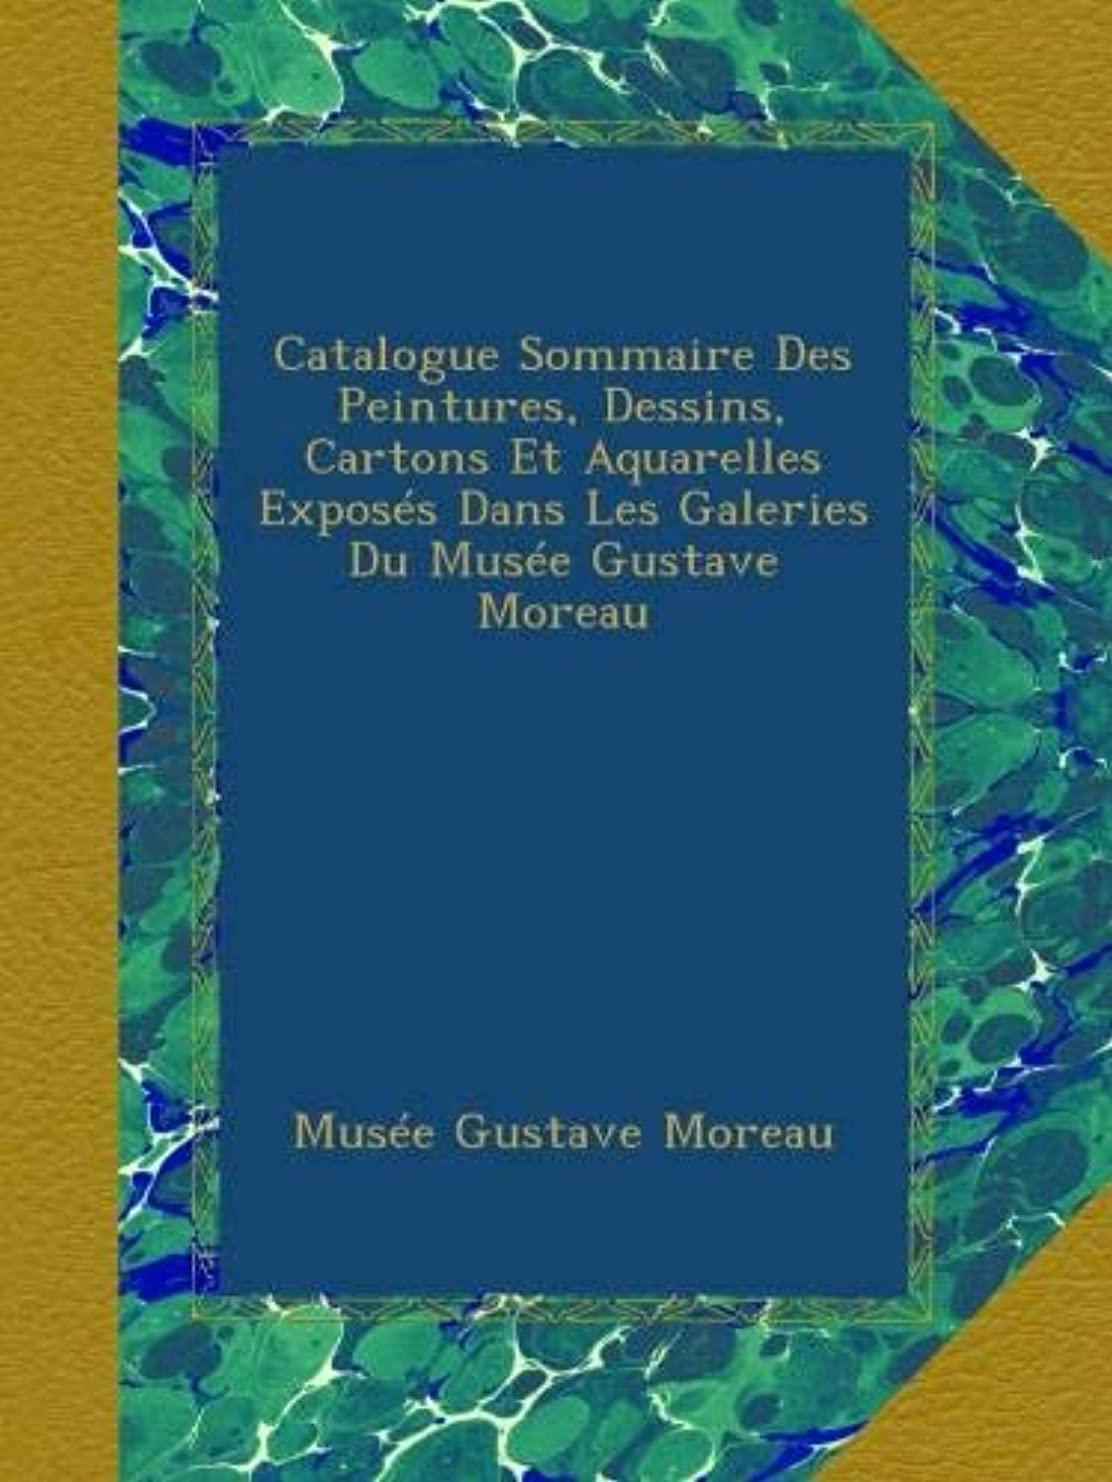 みなさんブラインド左Catalogue Sommaire Des Peintures, Dessins, Cartons Et Aquarelles Exposés Dans Les Galeries Du Musée Gustave Moreau